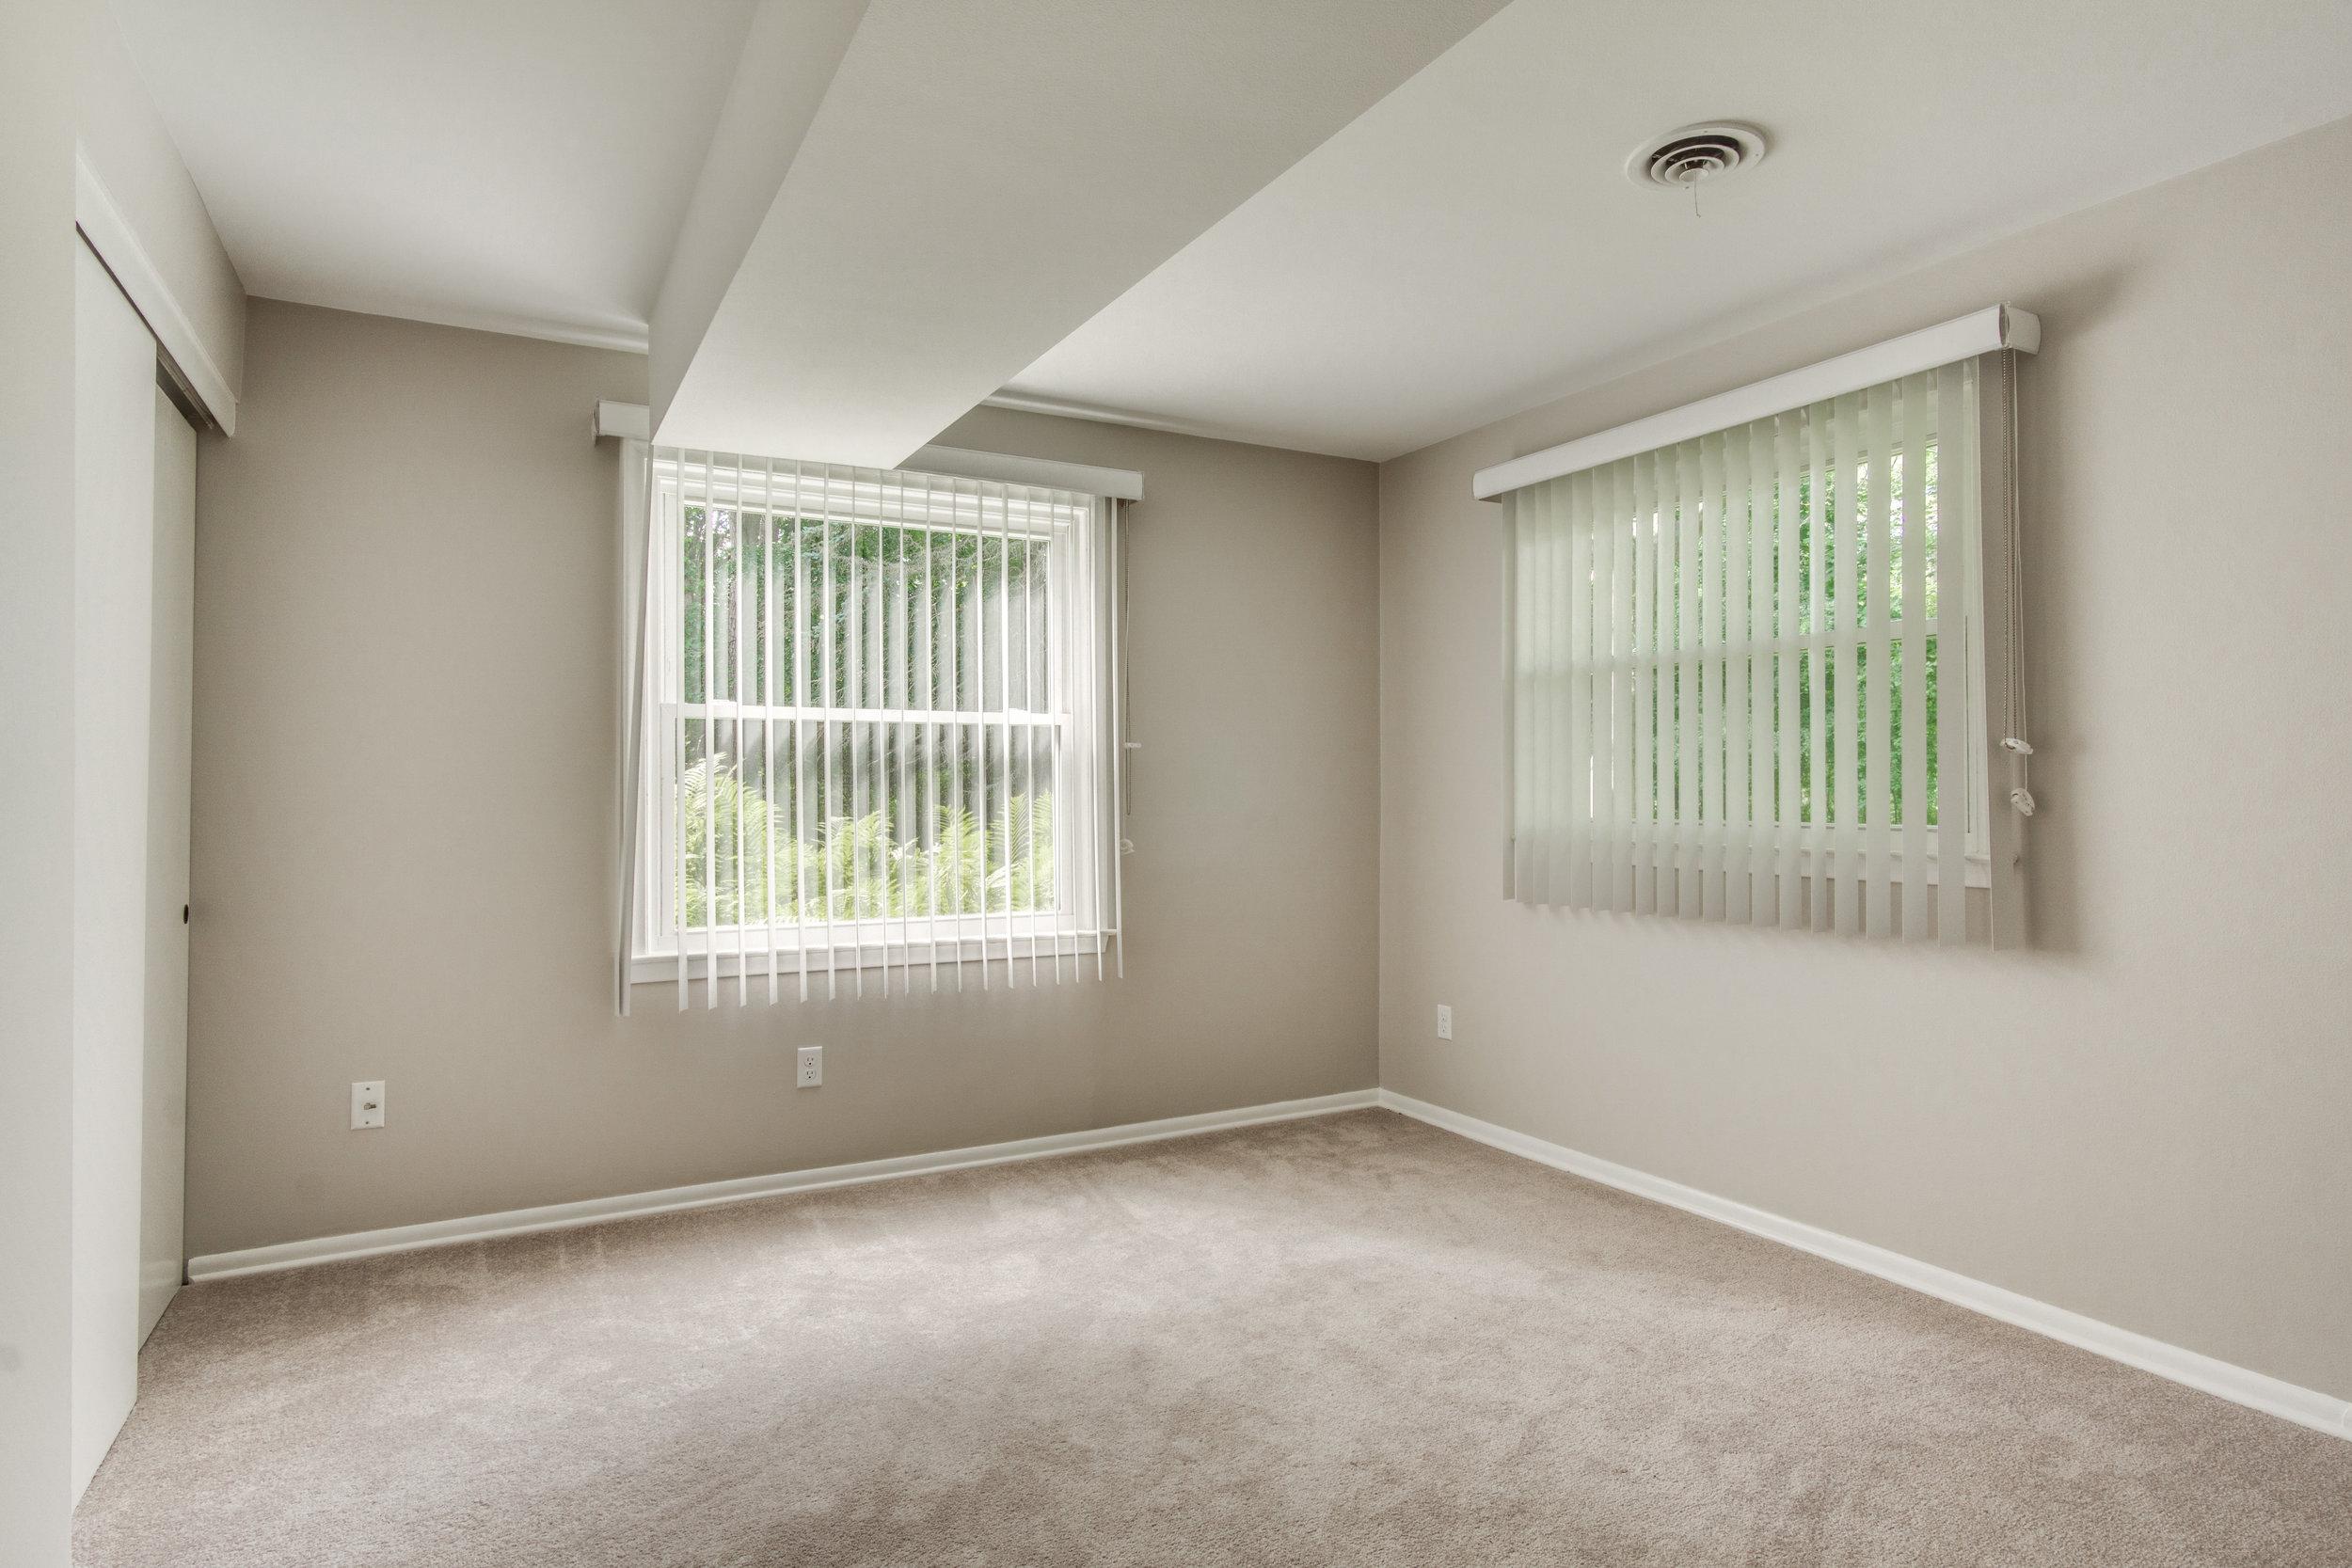 Interiors (54 of 57).jpg